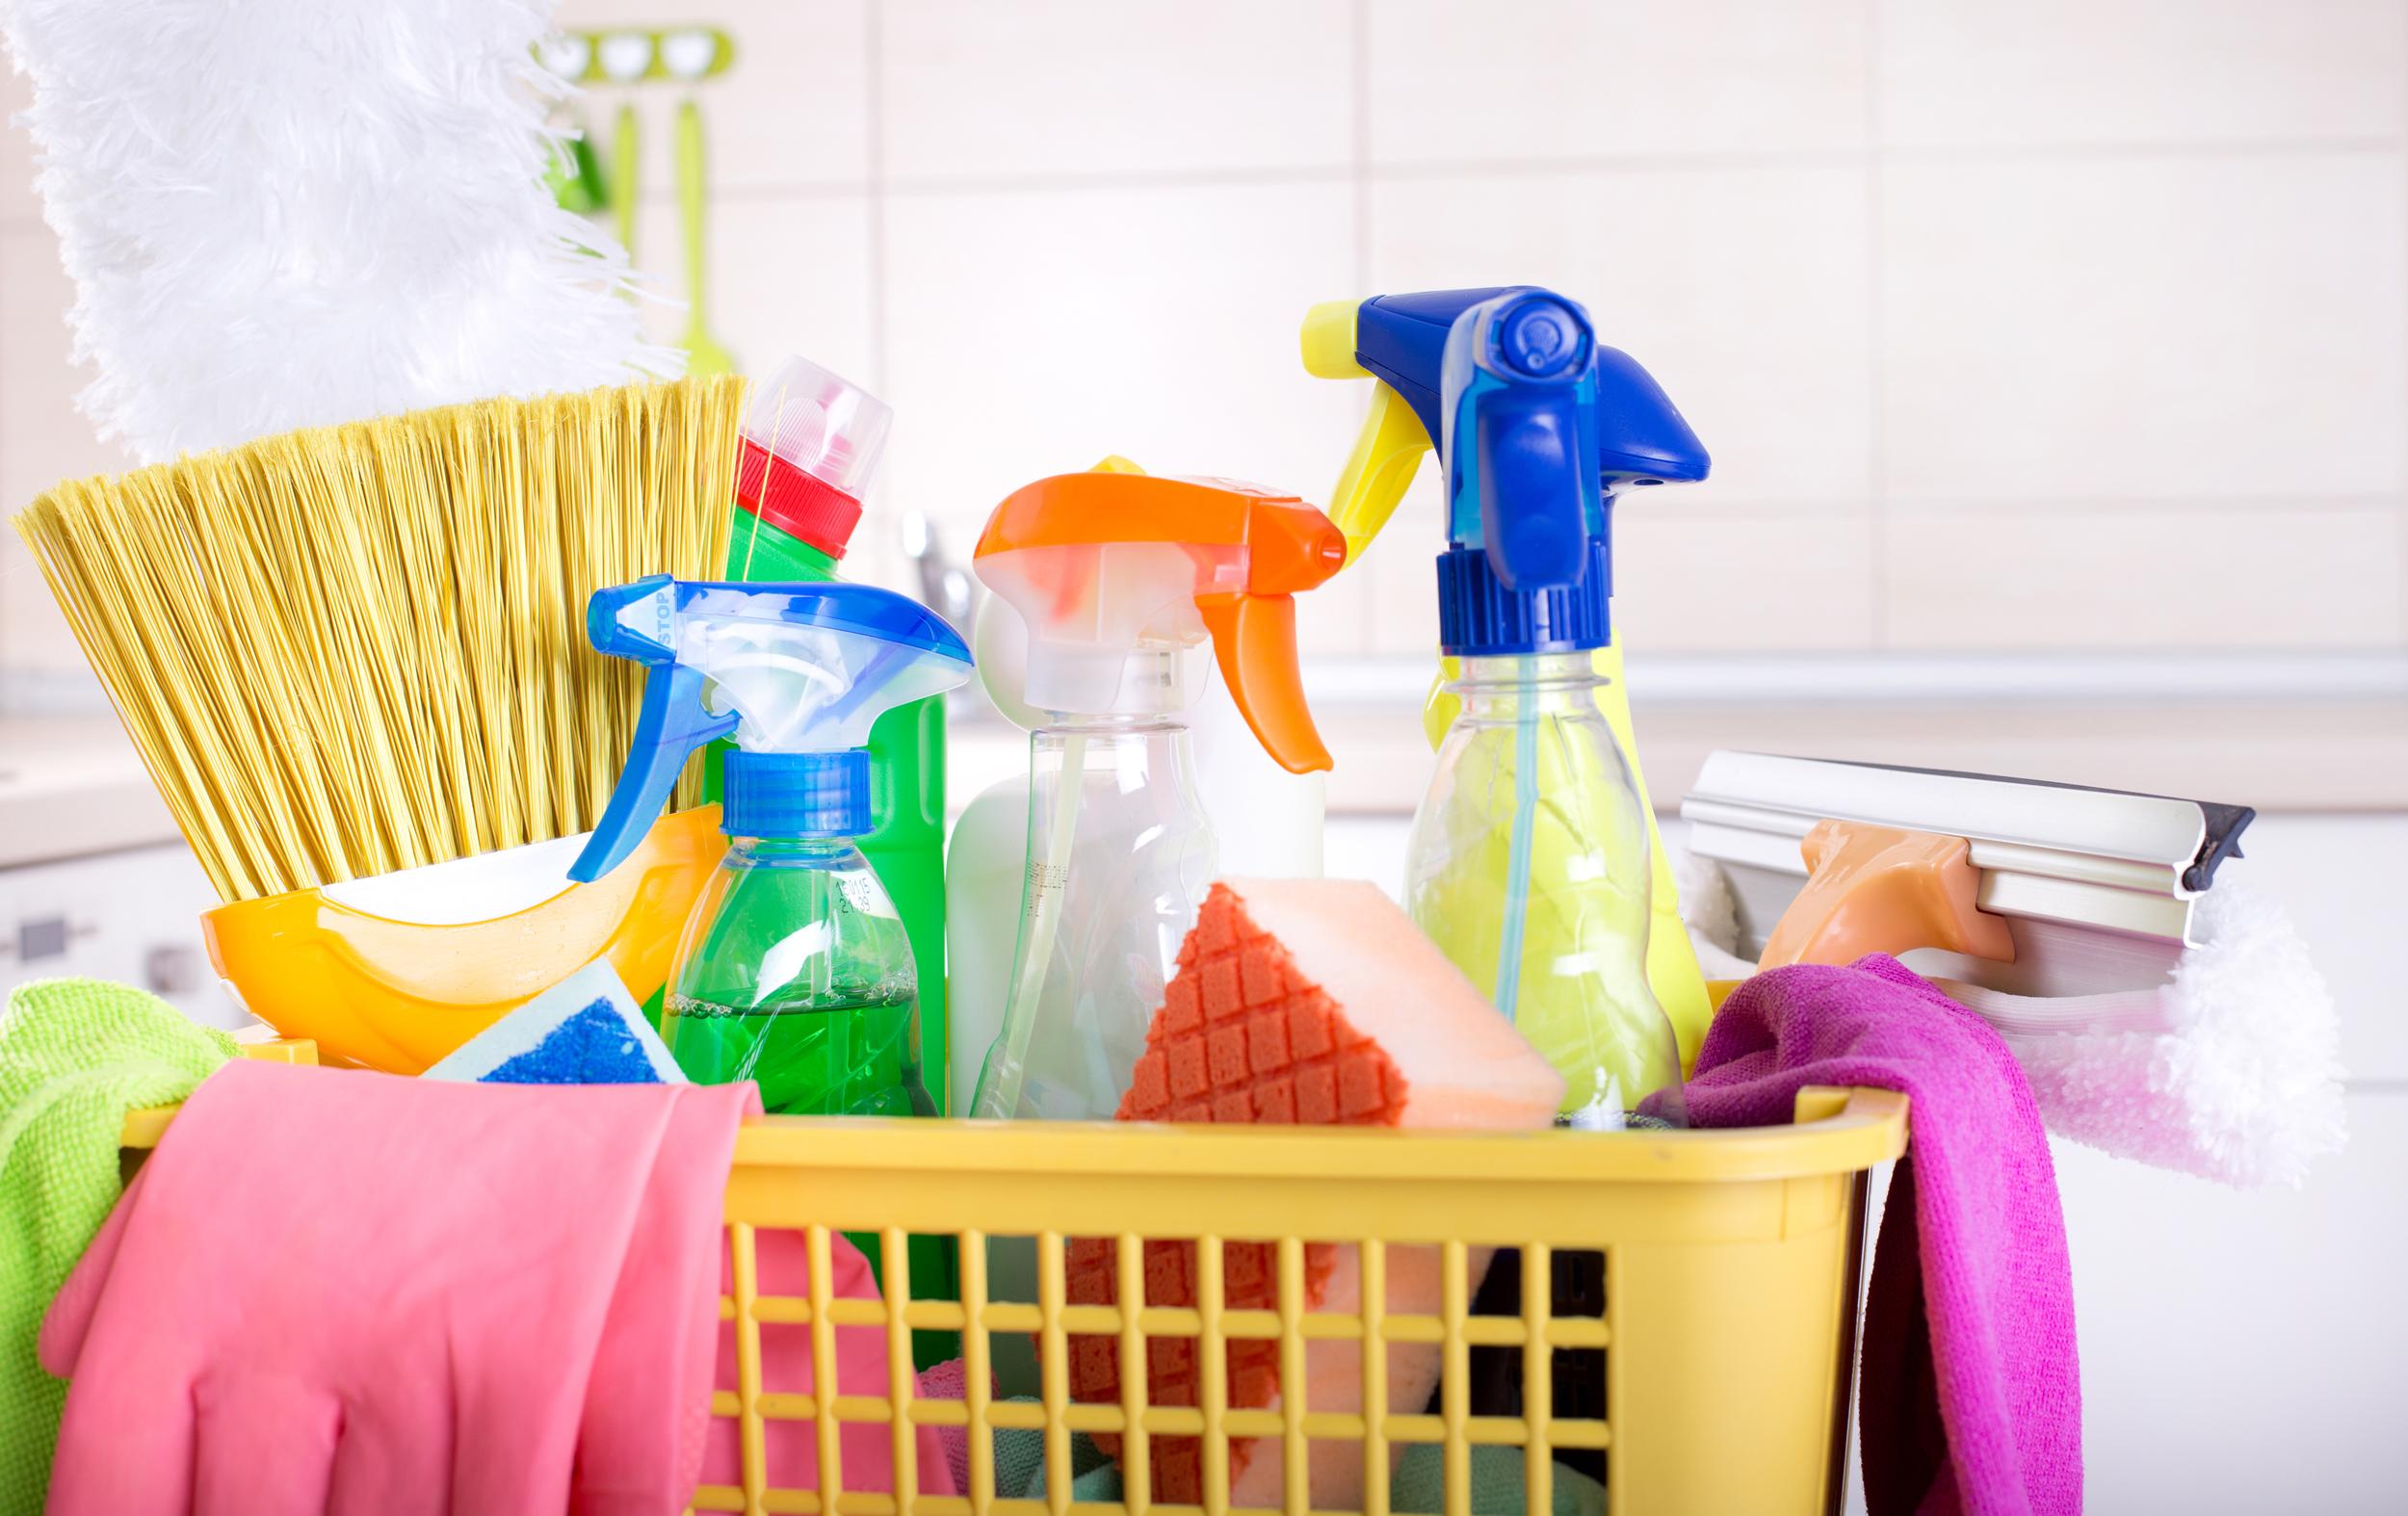 شركة تنظيف فى دبى - شركة تعقيم وتطهير فى دبى